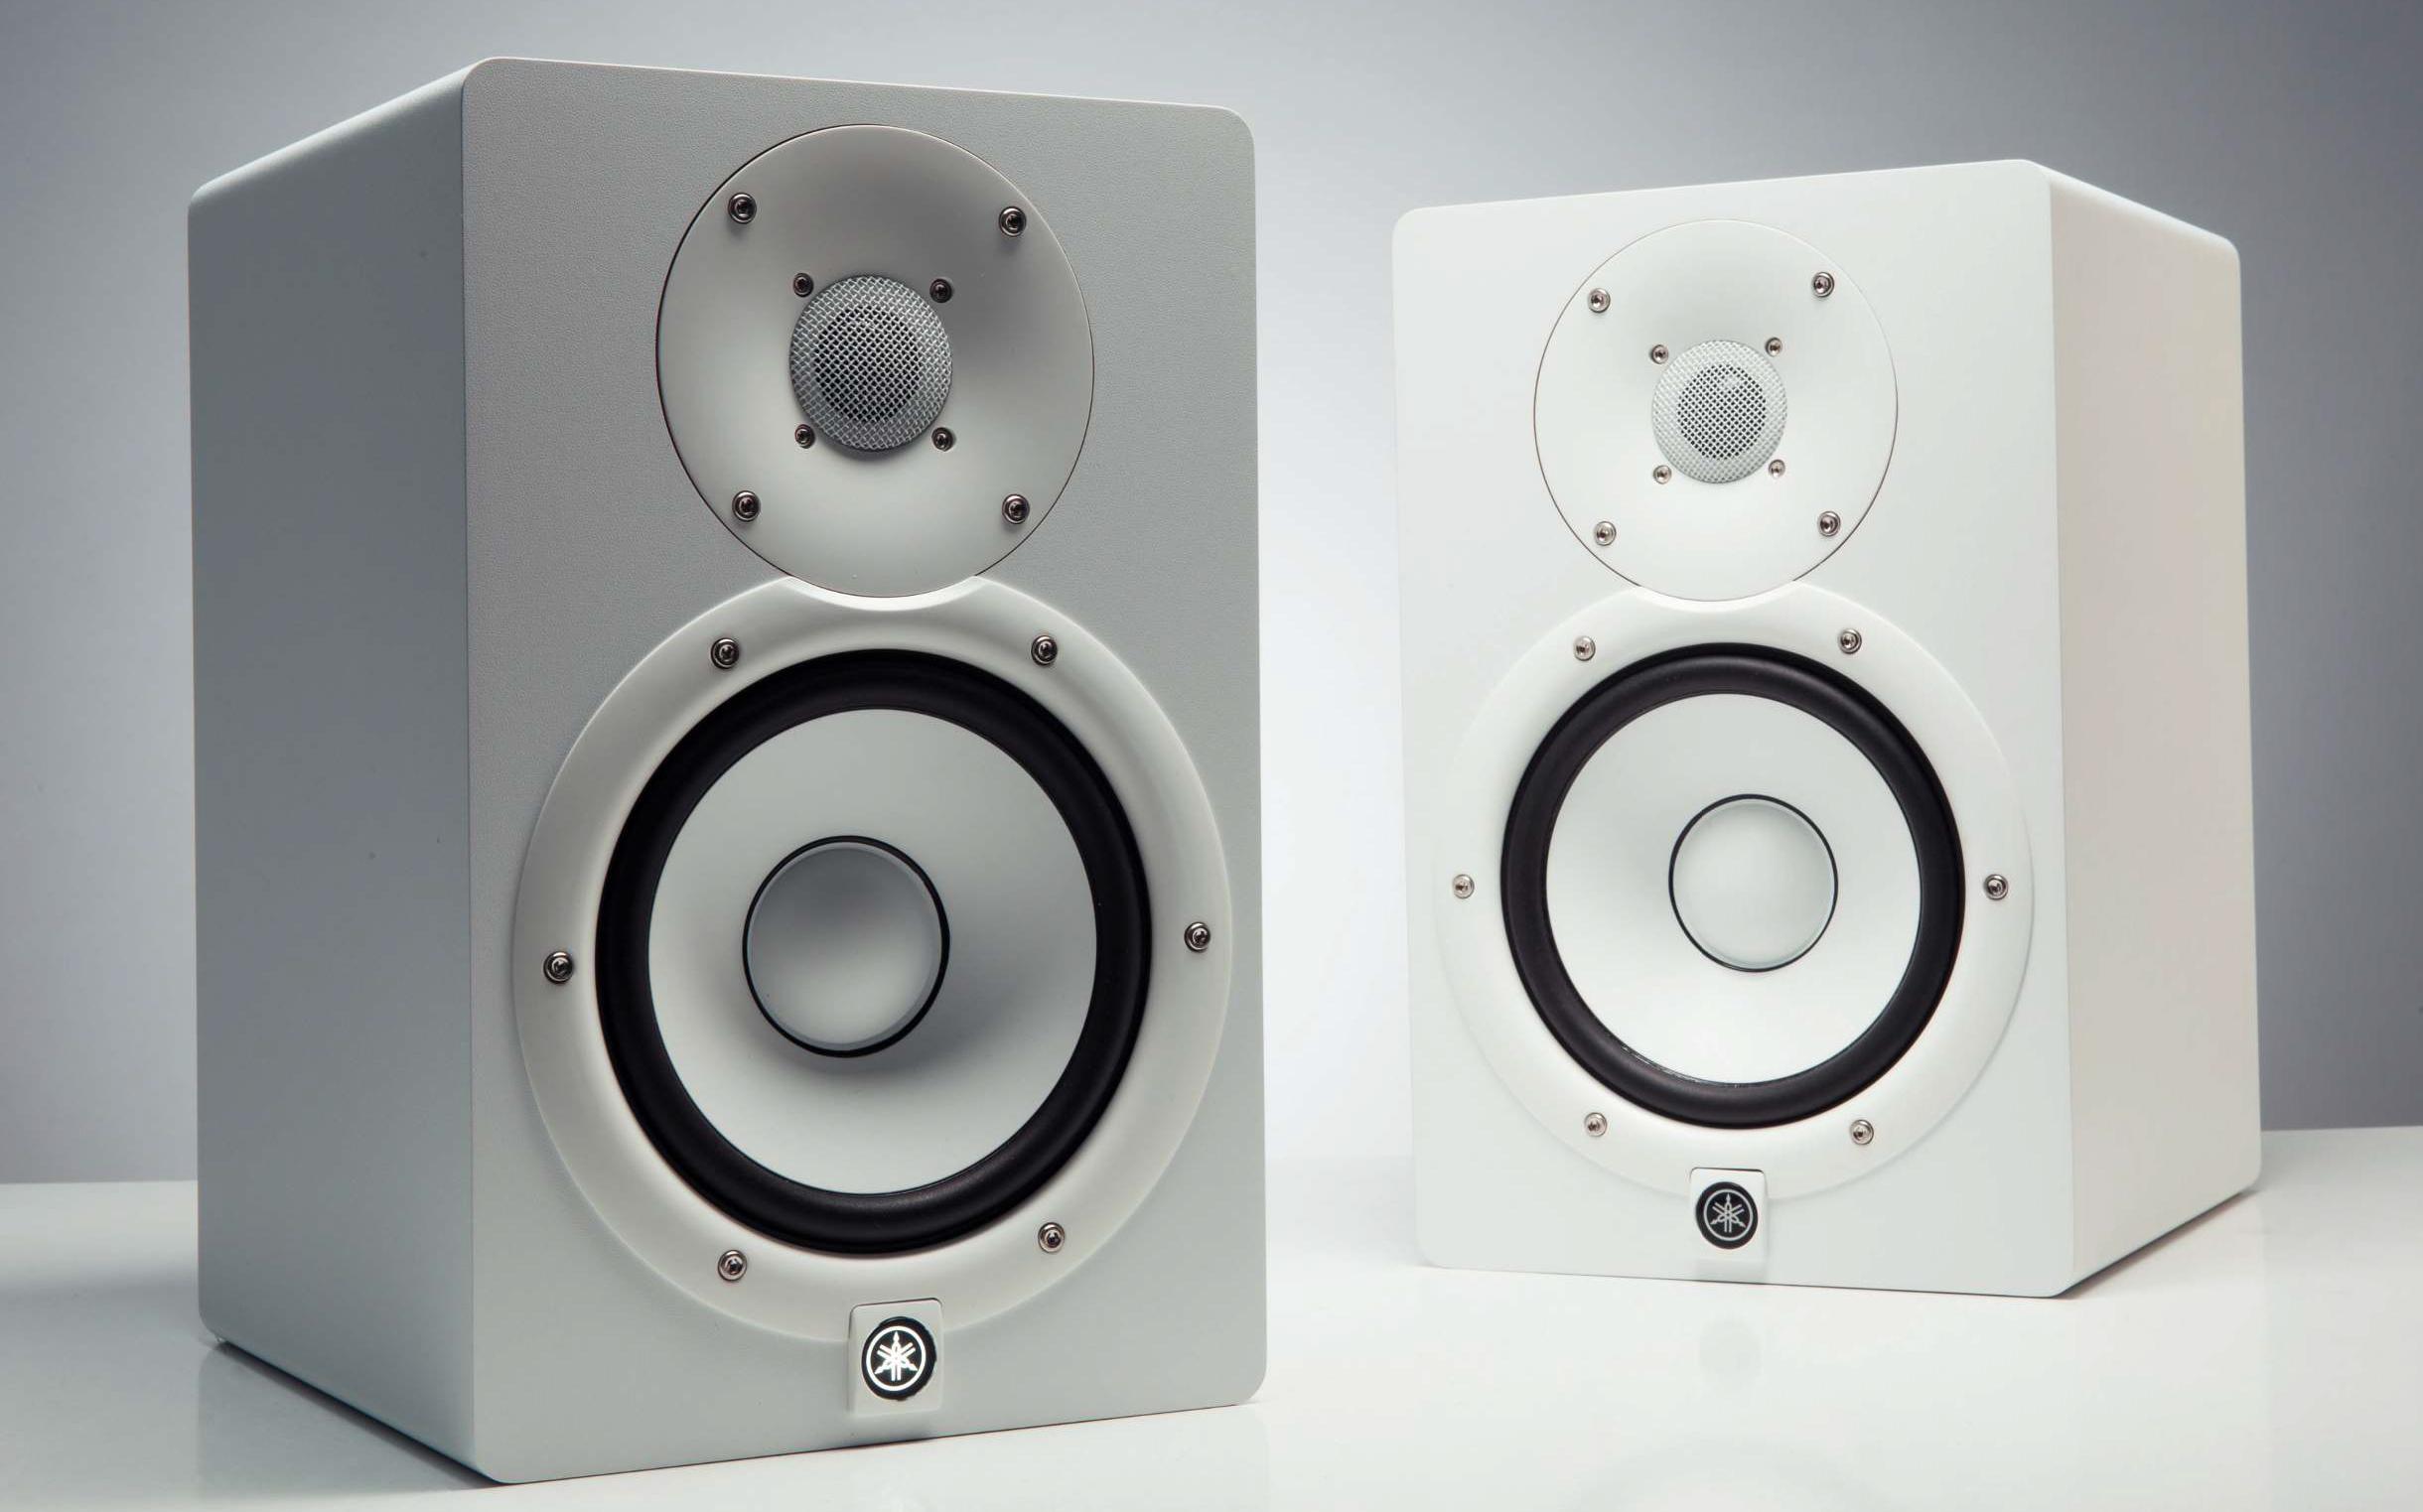 yamaha hs 7 wit 6 5 studiomonitor active. Black Bedroom Furniture Sets. Home Design Ideas